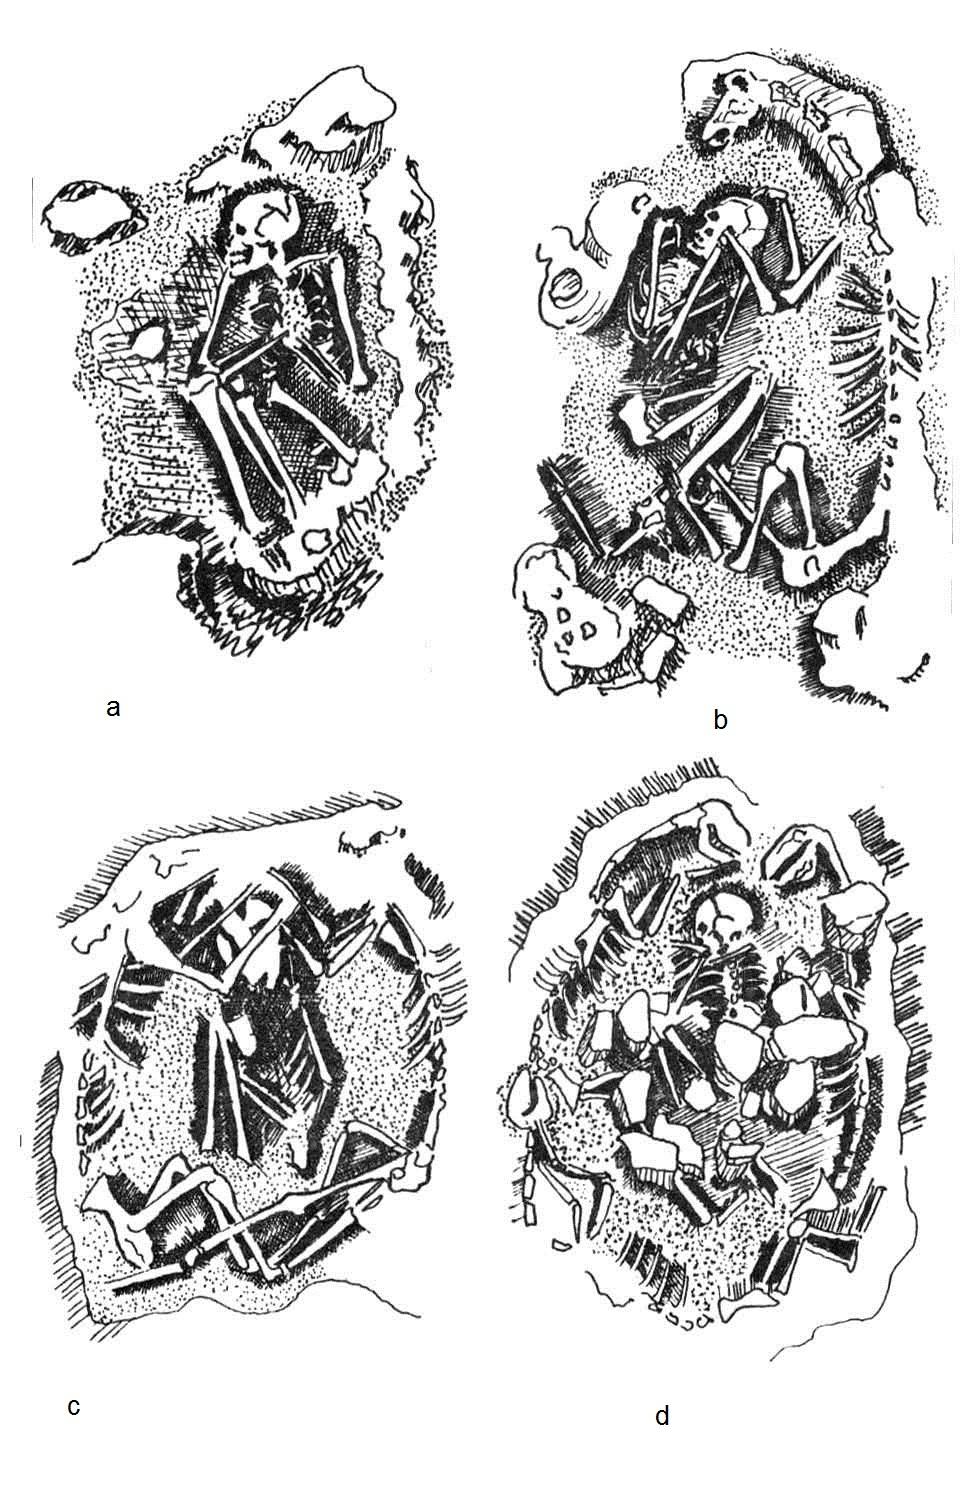 Imagen 2: Croquis de sepulturas [a: sepultura de un individuo sin camélido. b: sepultura de un individuo con un camélido. c: sepultura con dos camélidos rodeando un individuo. d: sepultura con tres camélidos rodeando un individuo]. (Fuente: Castillo 1984).